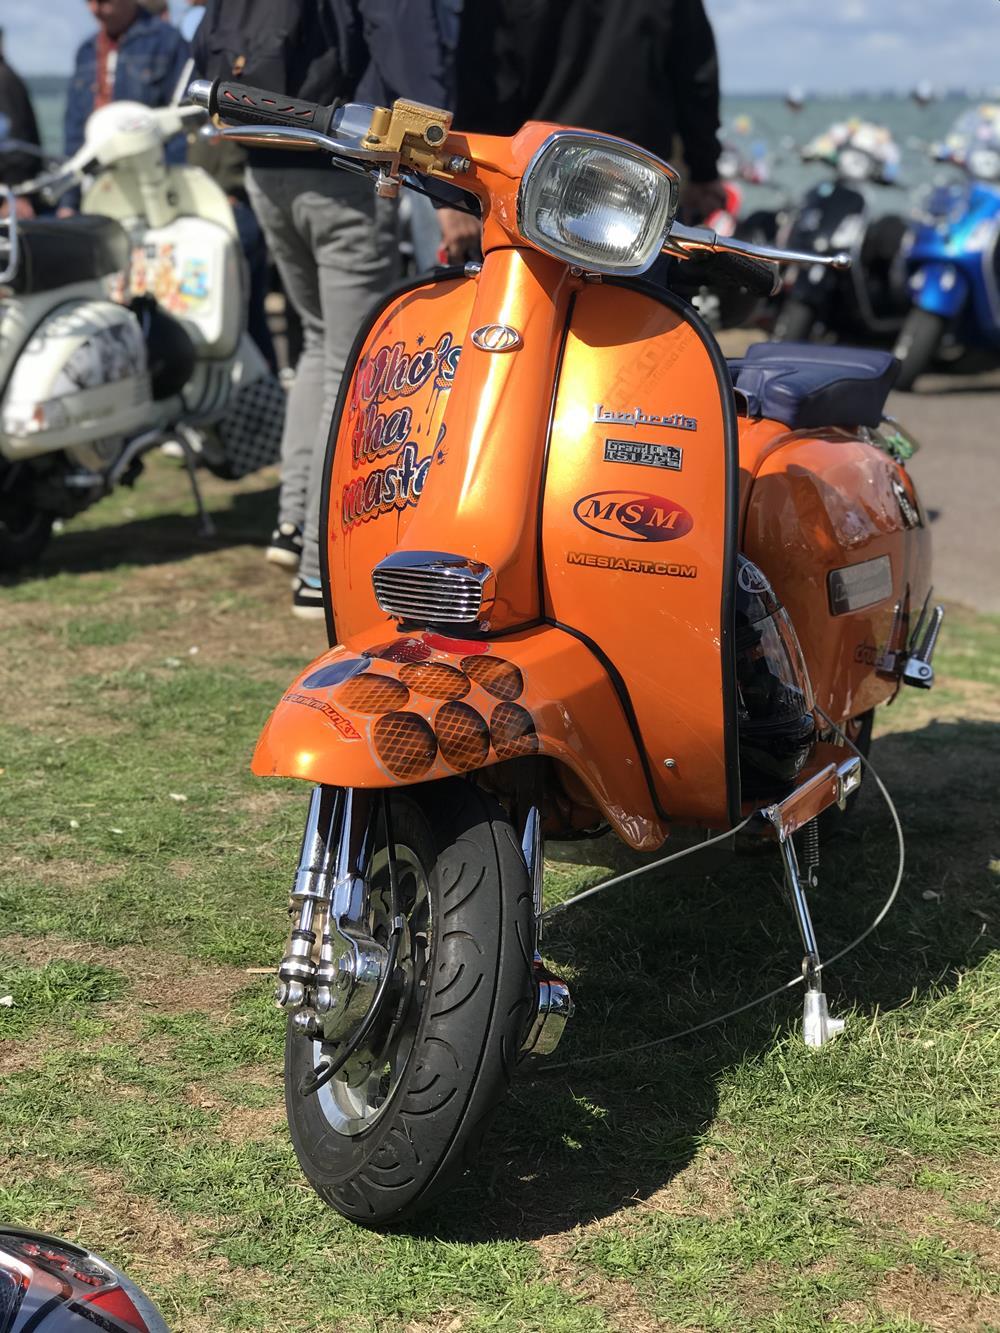 Orange Lambretta scooter